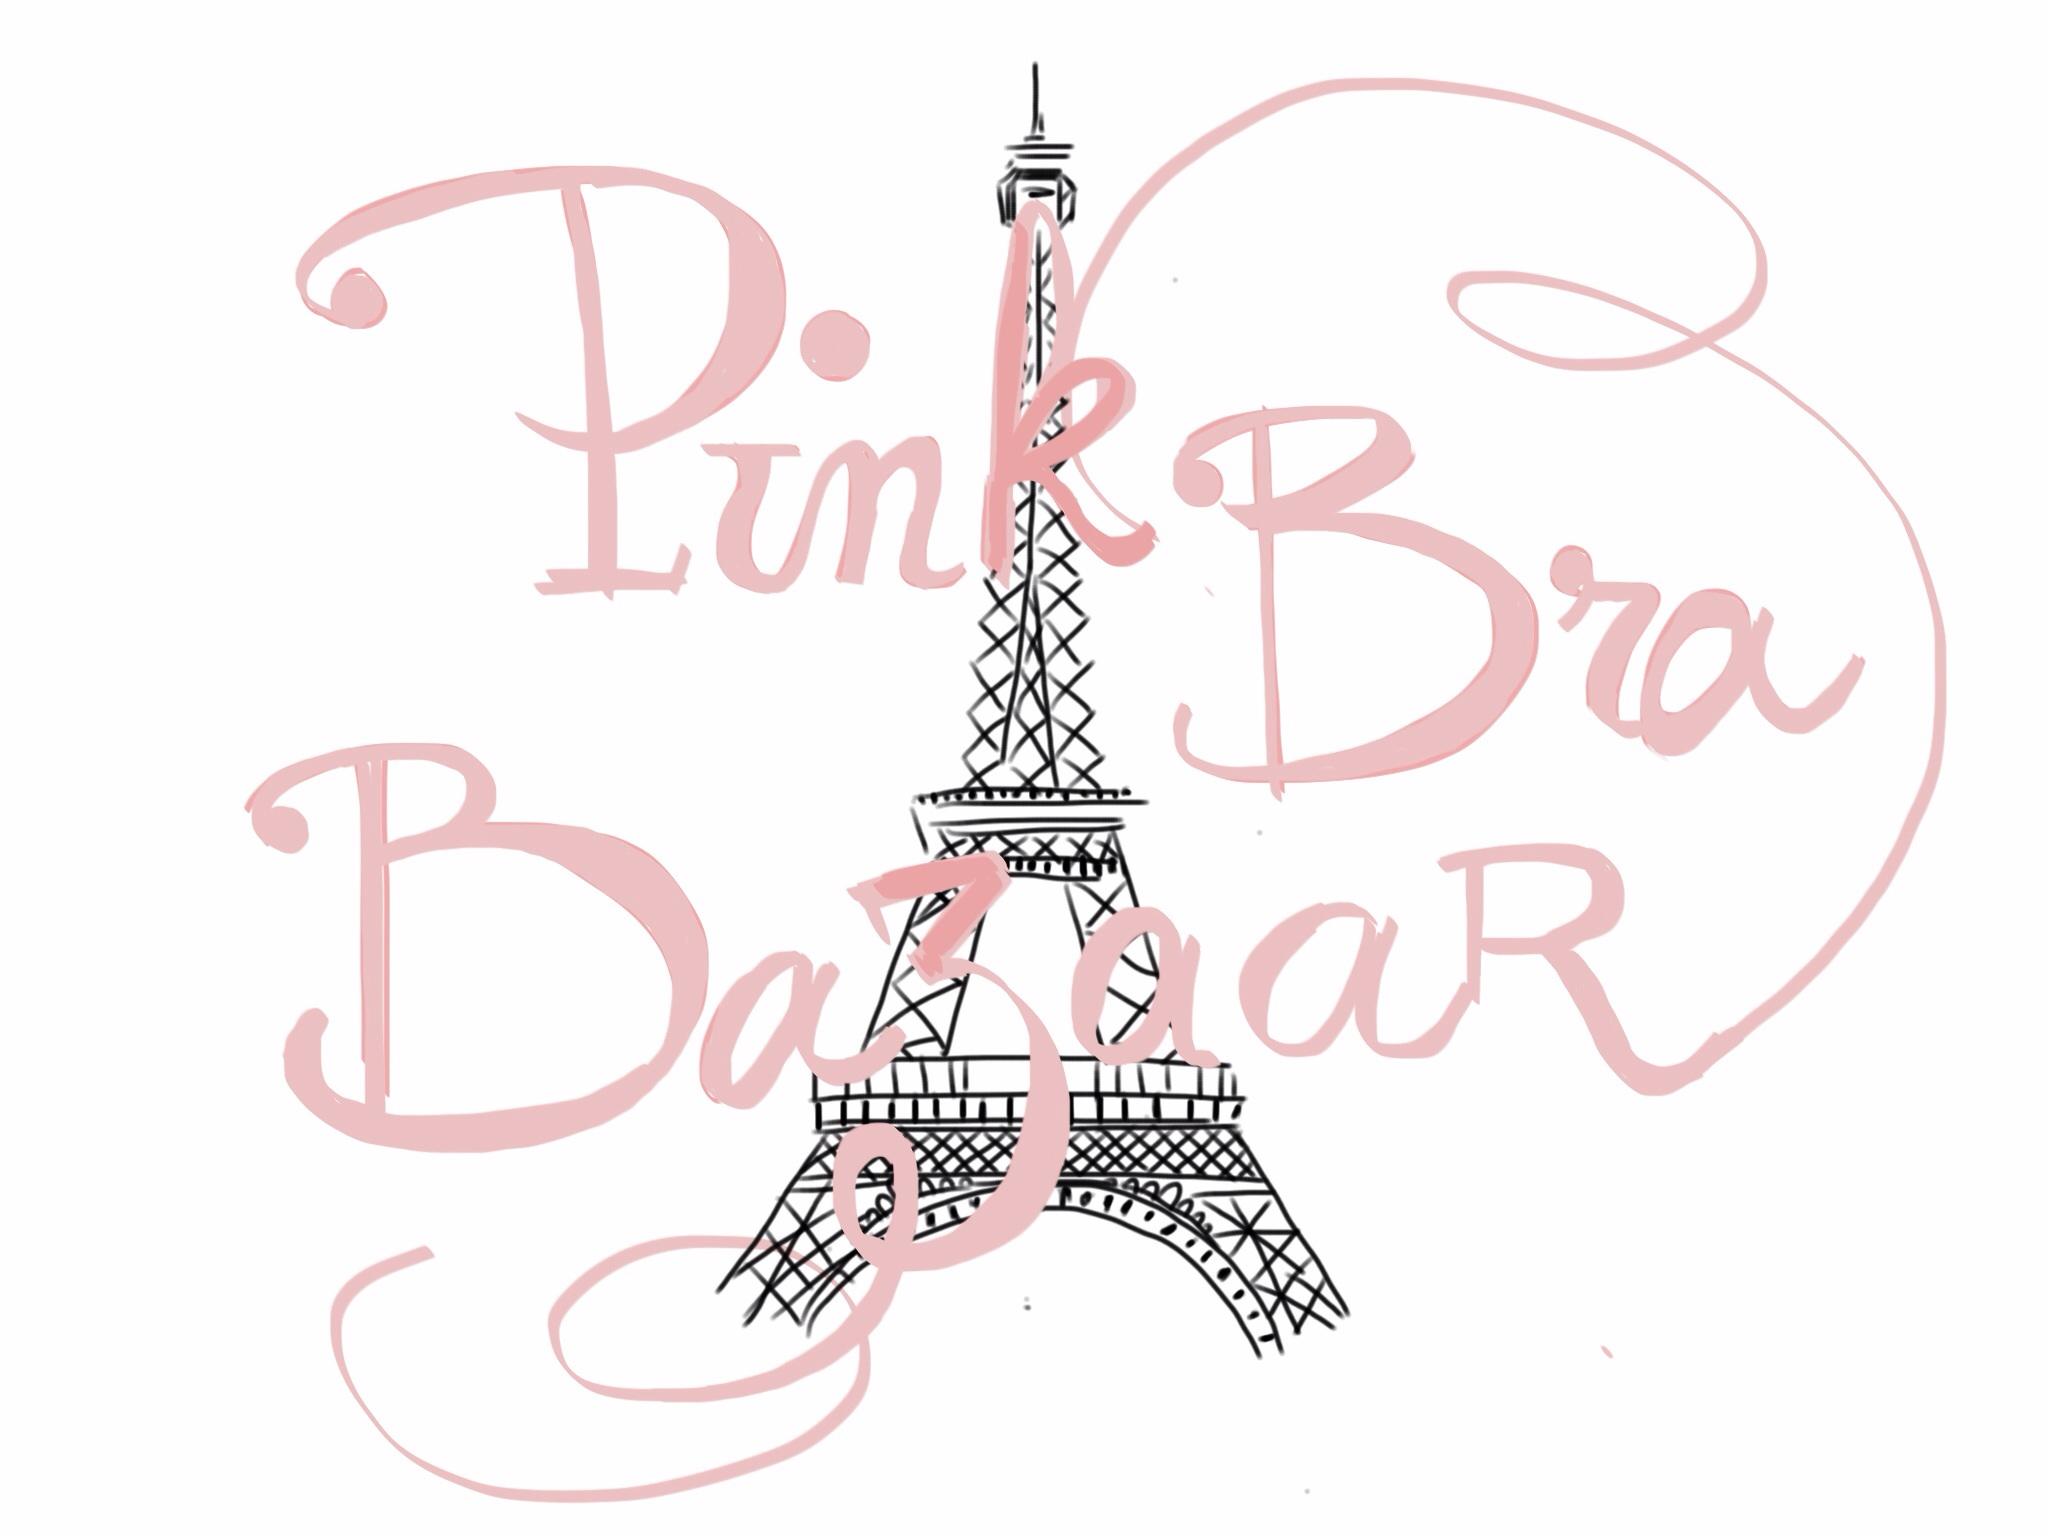 Pink bra bazaar 2014 trocadero